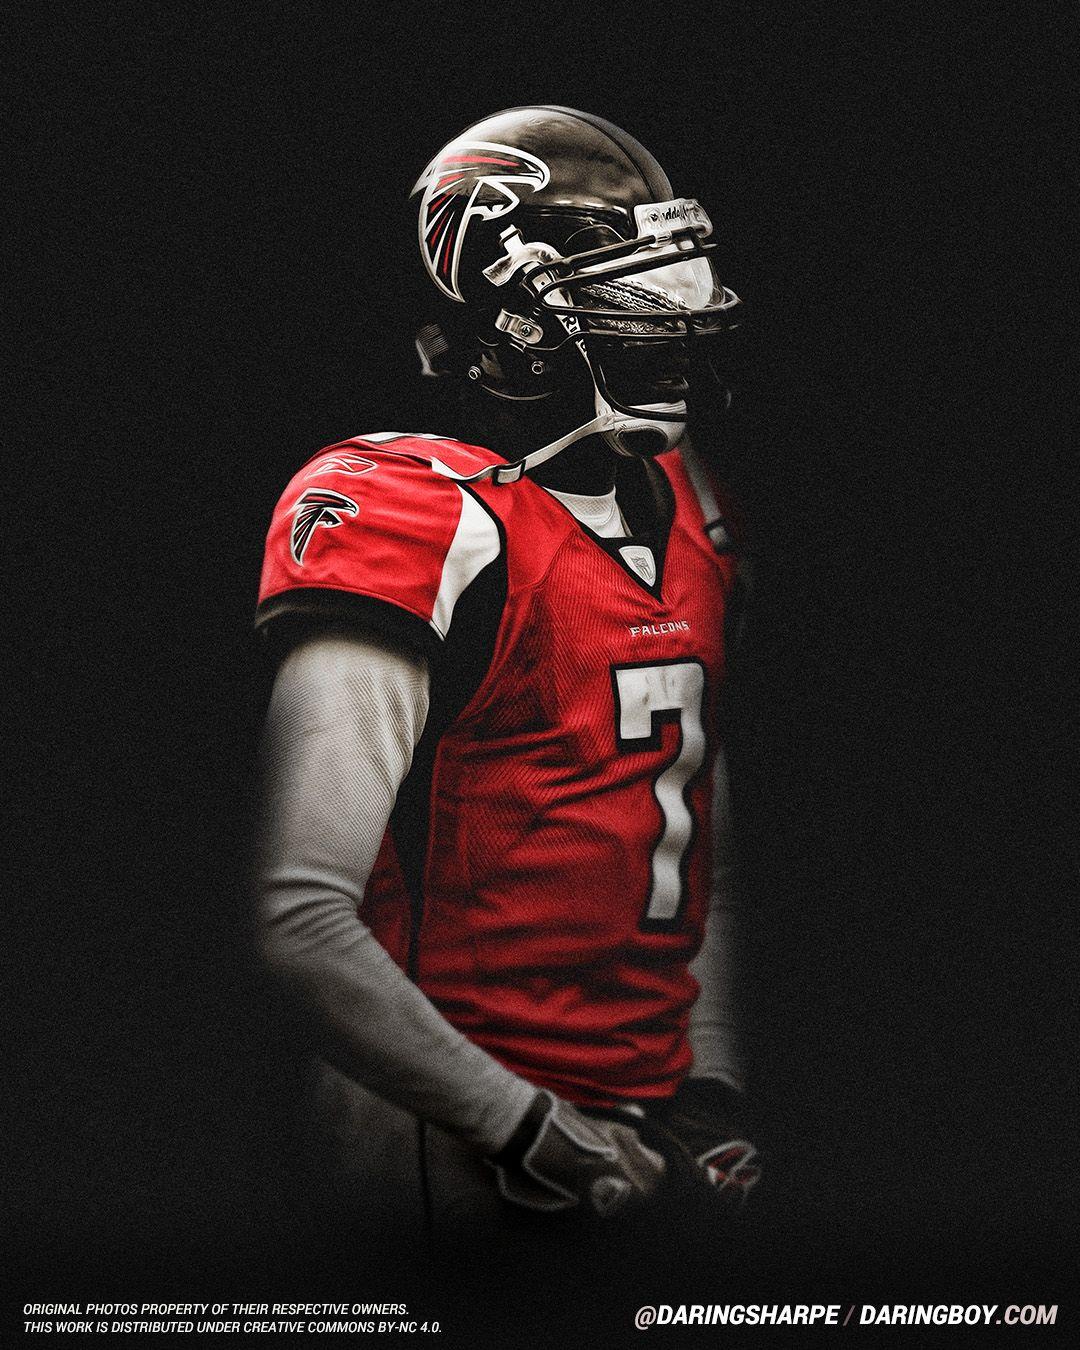 Michael Vick Atlanta Falcons Michael Vick Atlanta Falcons Atlanta Falcons Football